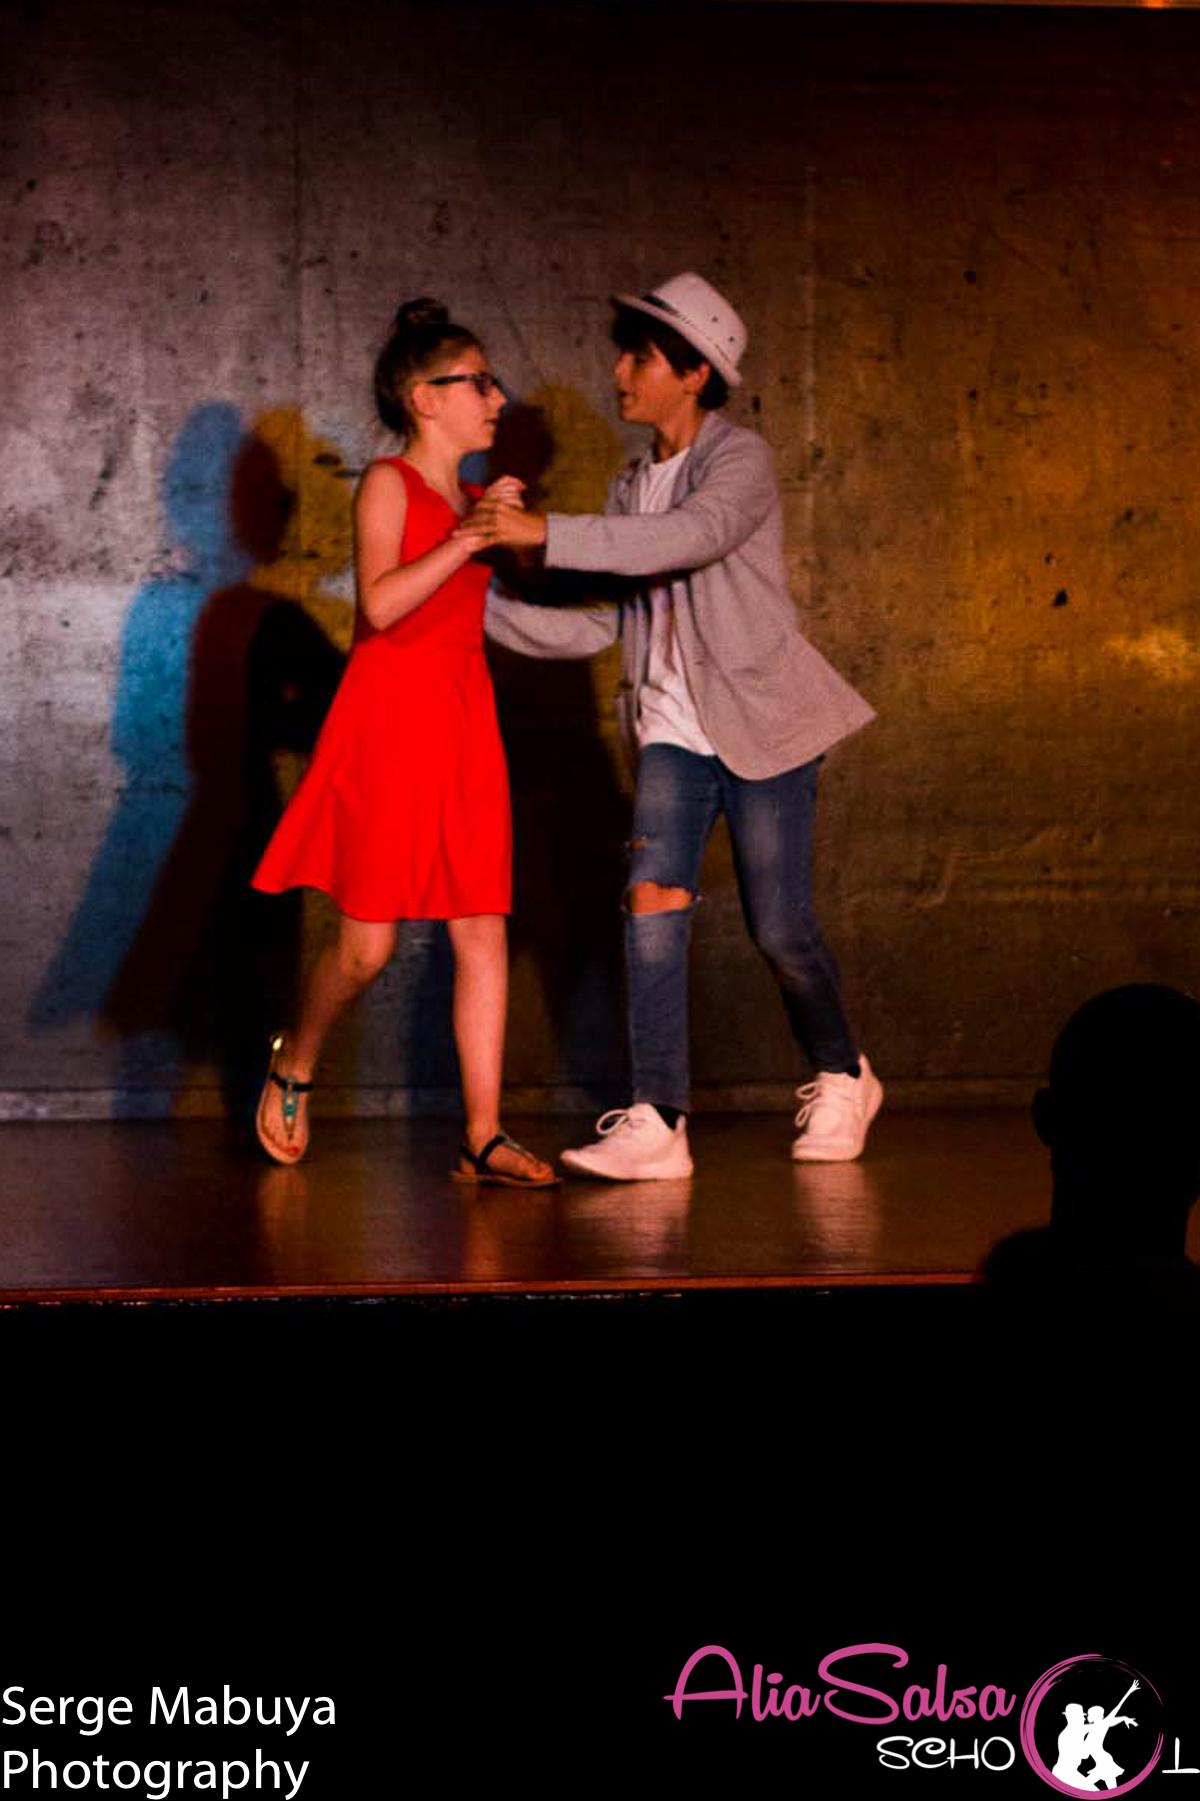 ecole de danse salsa bachata enfant adulte lausanne aliasalsa school lausanneIMG_9521